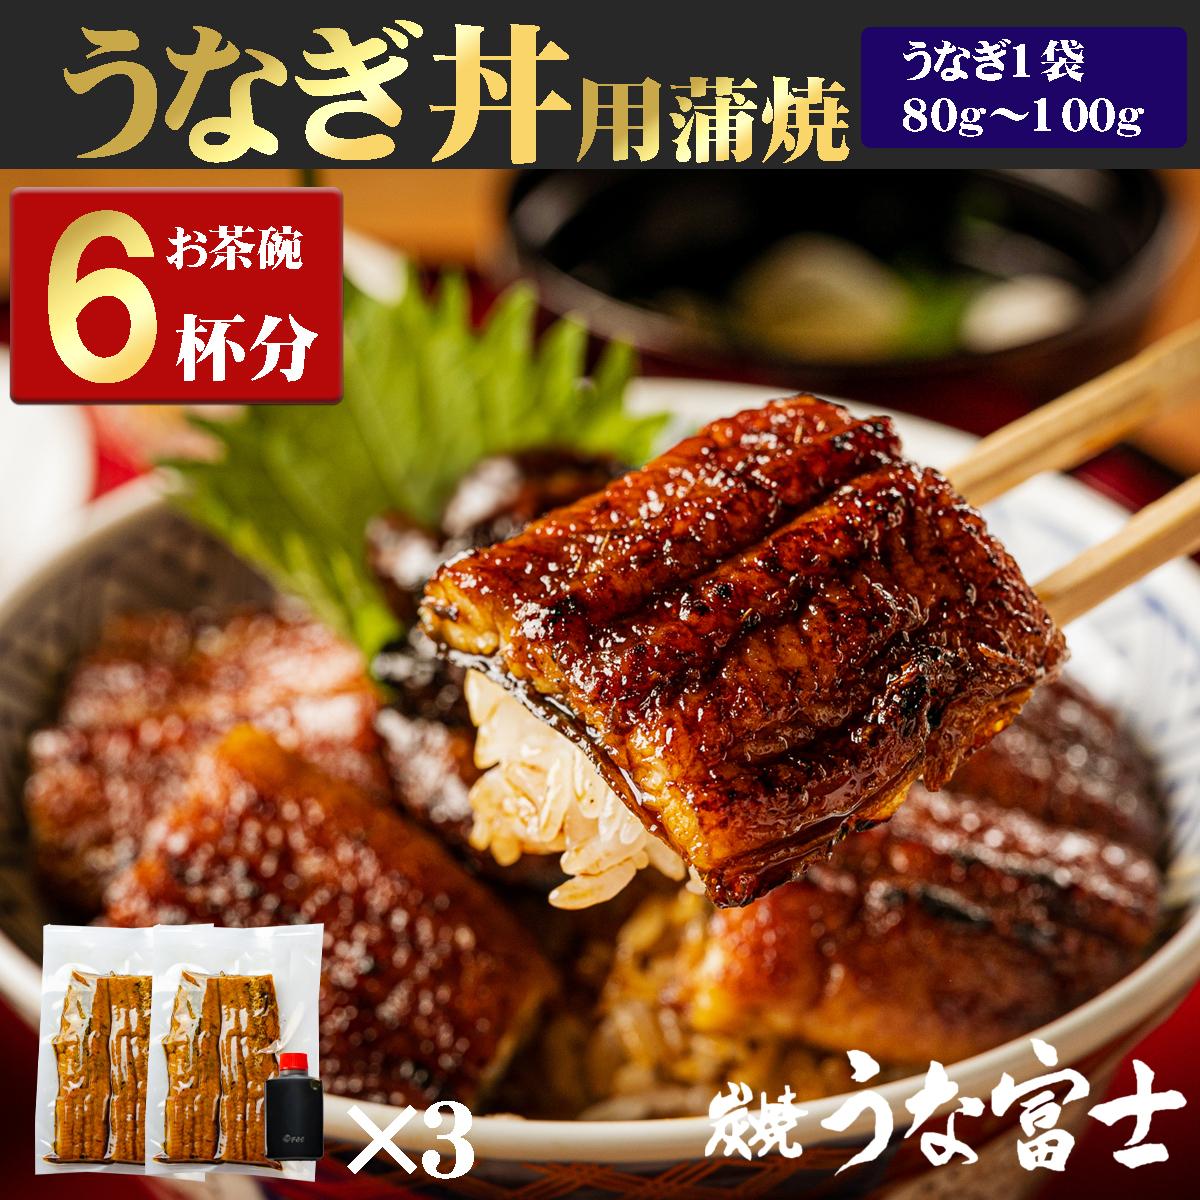 【炭焼うな富士】うなぎ丼 お茶碗6杯分【¥1,923お得!!】